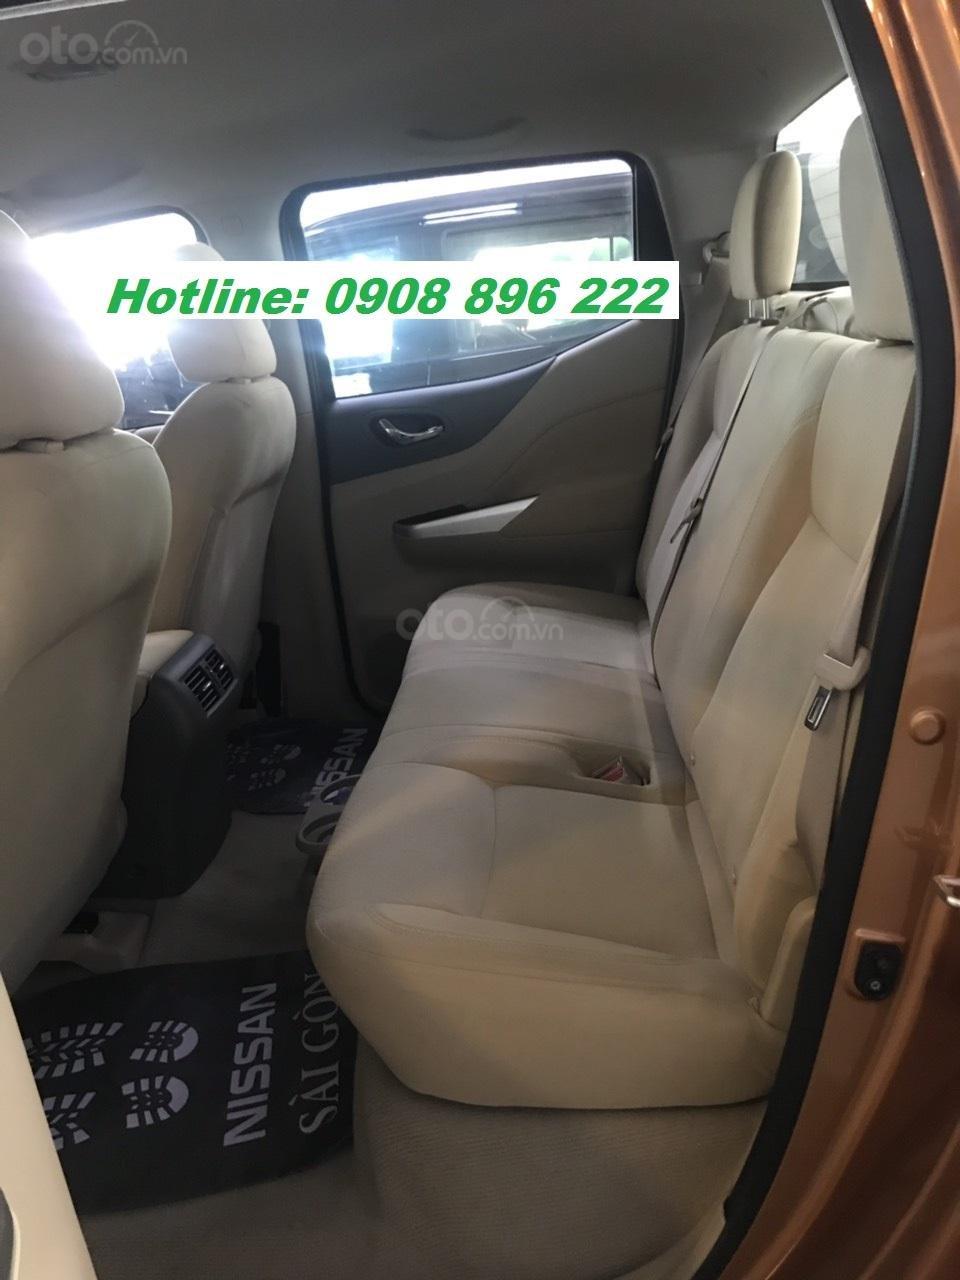 Bán tải Nissan Navara EL Premium Z 2020, vay 90%, giao xe ngay, LH 0908896222 (6)